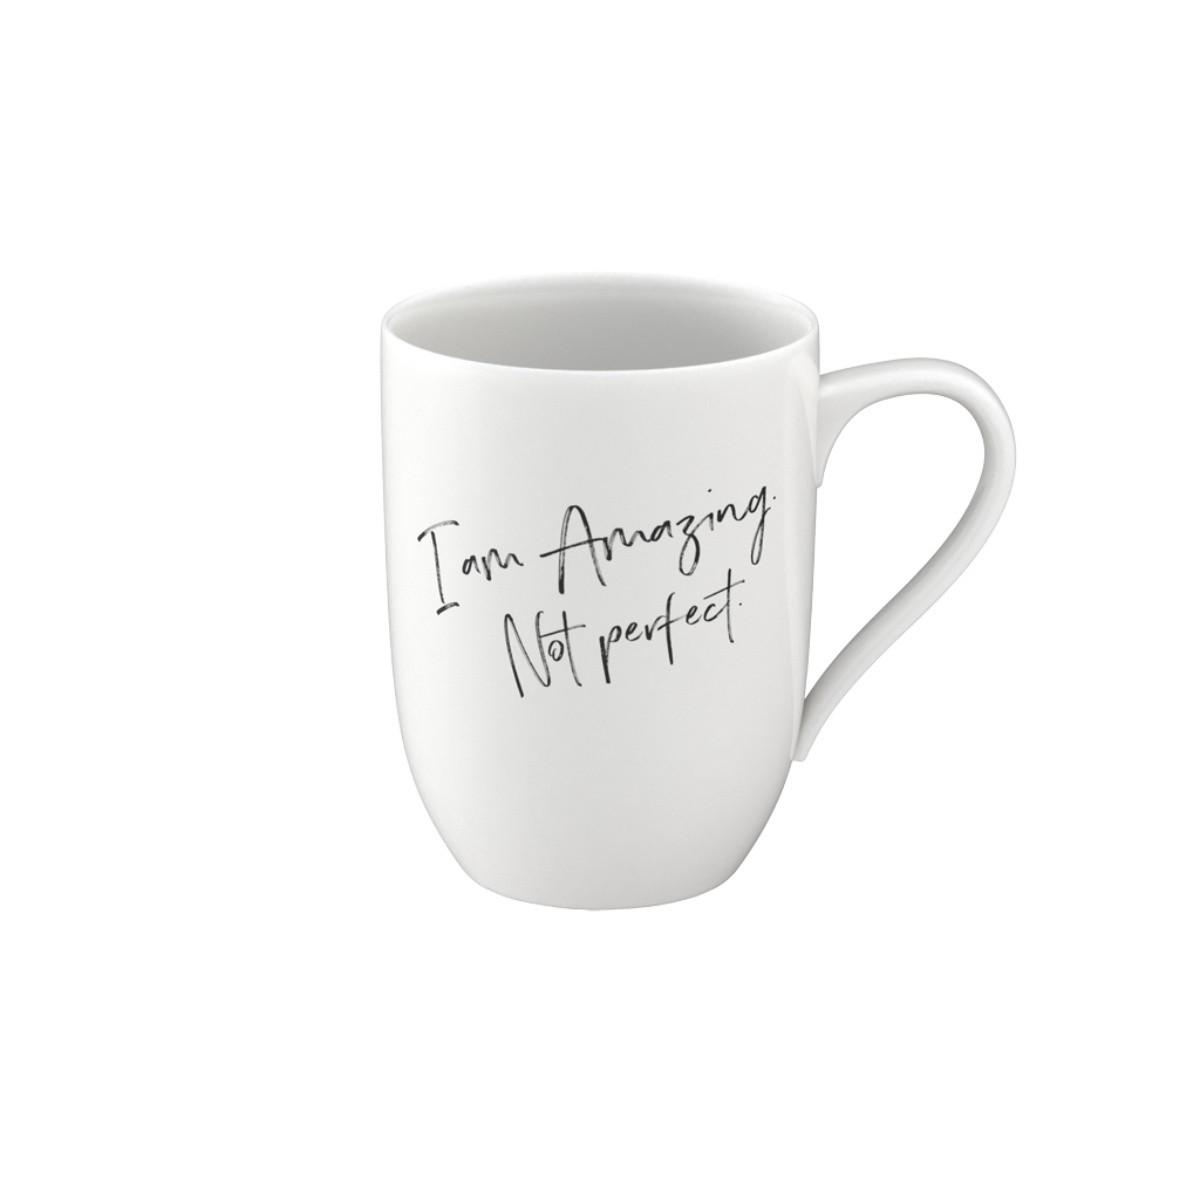 Statement Mug Amazing Not Perfect